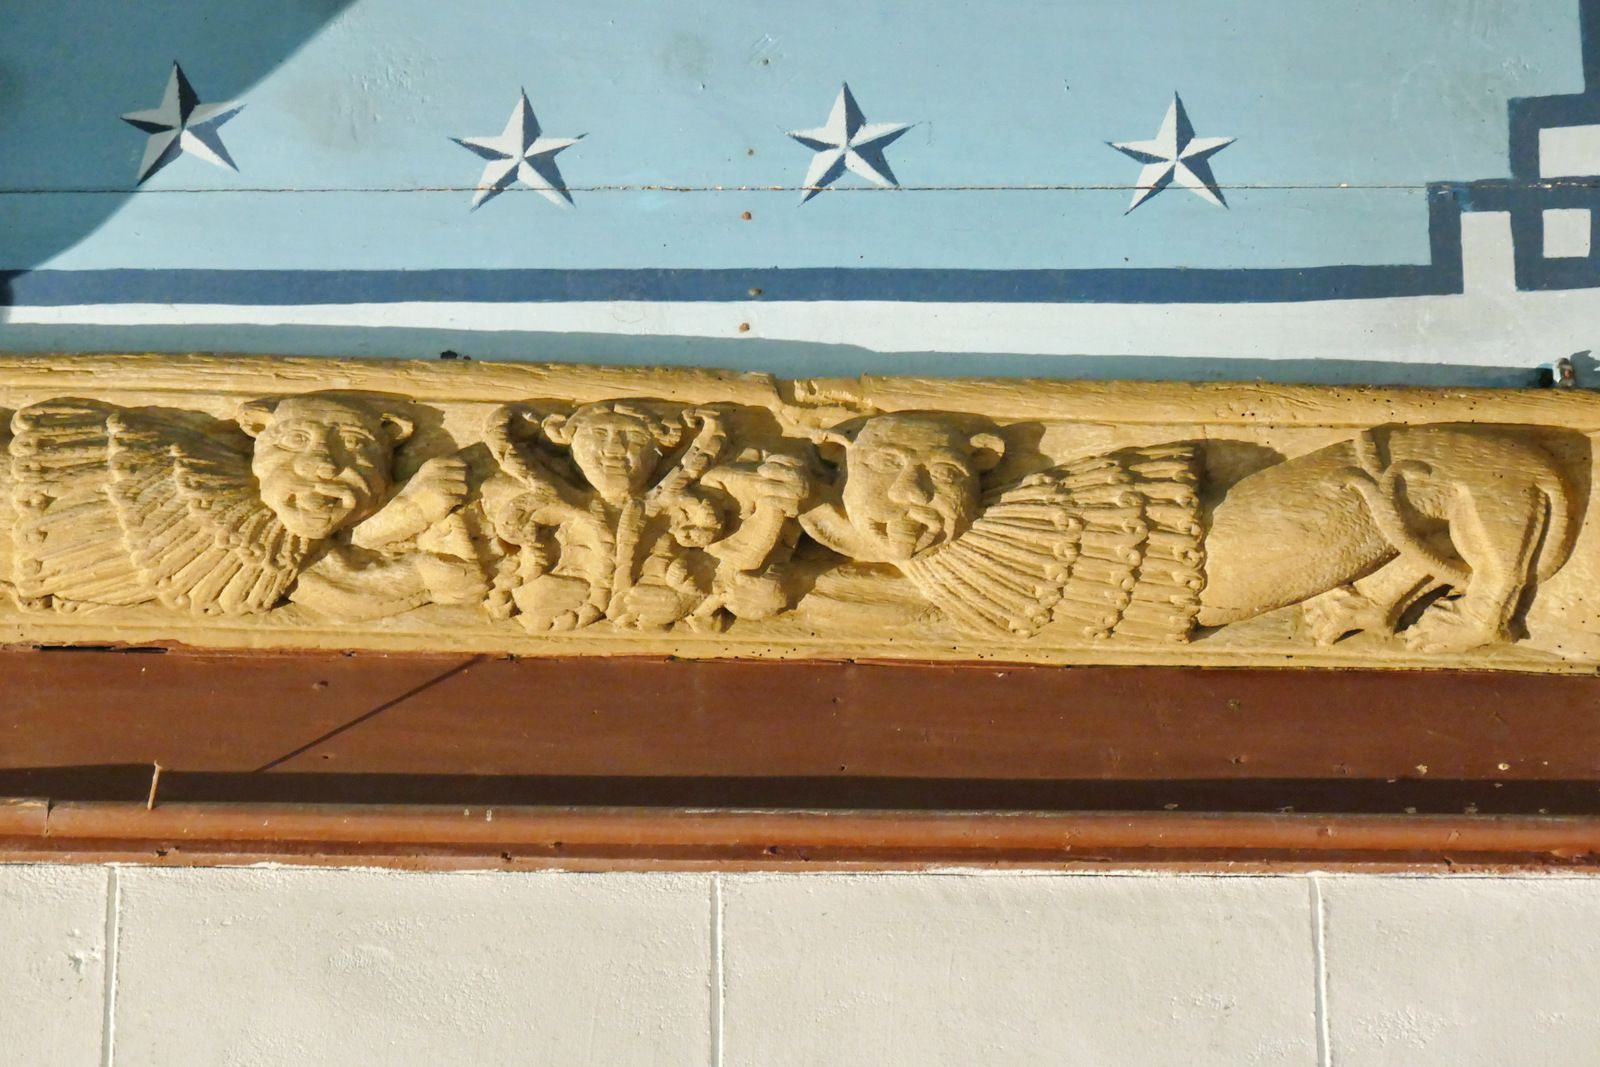 Sablières et blochets de la nef de l'église d'Esquibien. Photographie lavieb-aile juillet 2020.